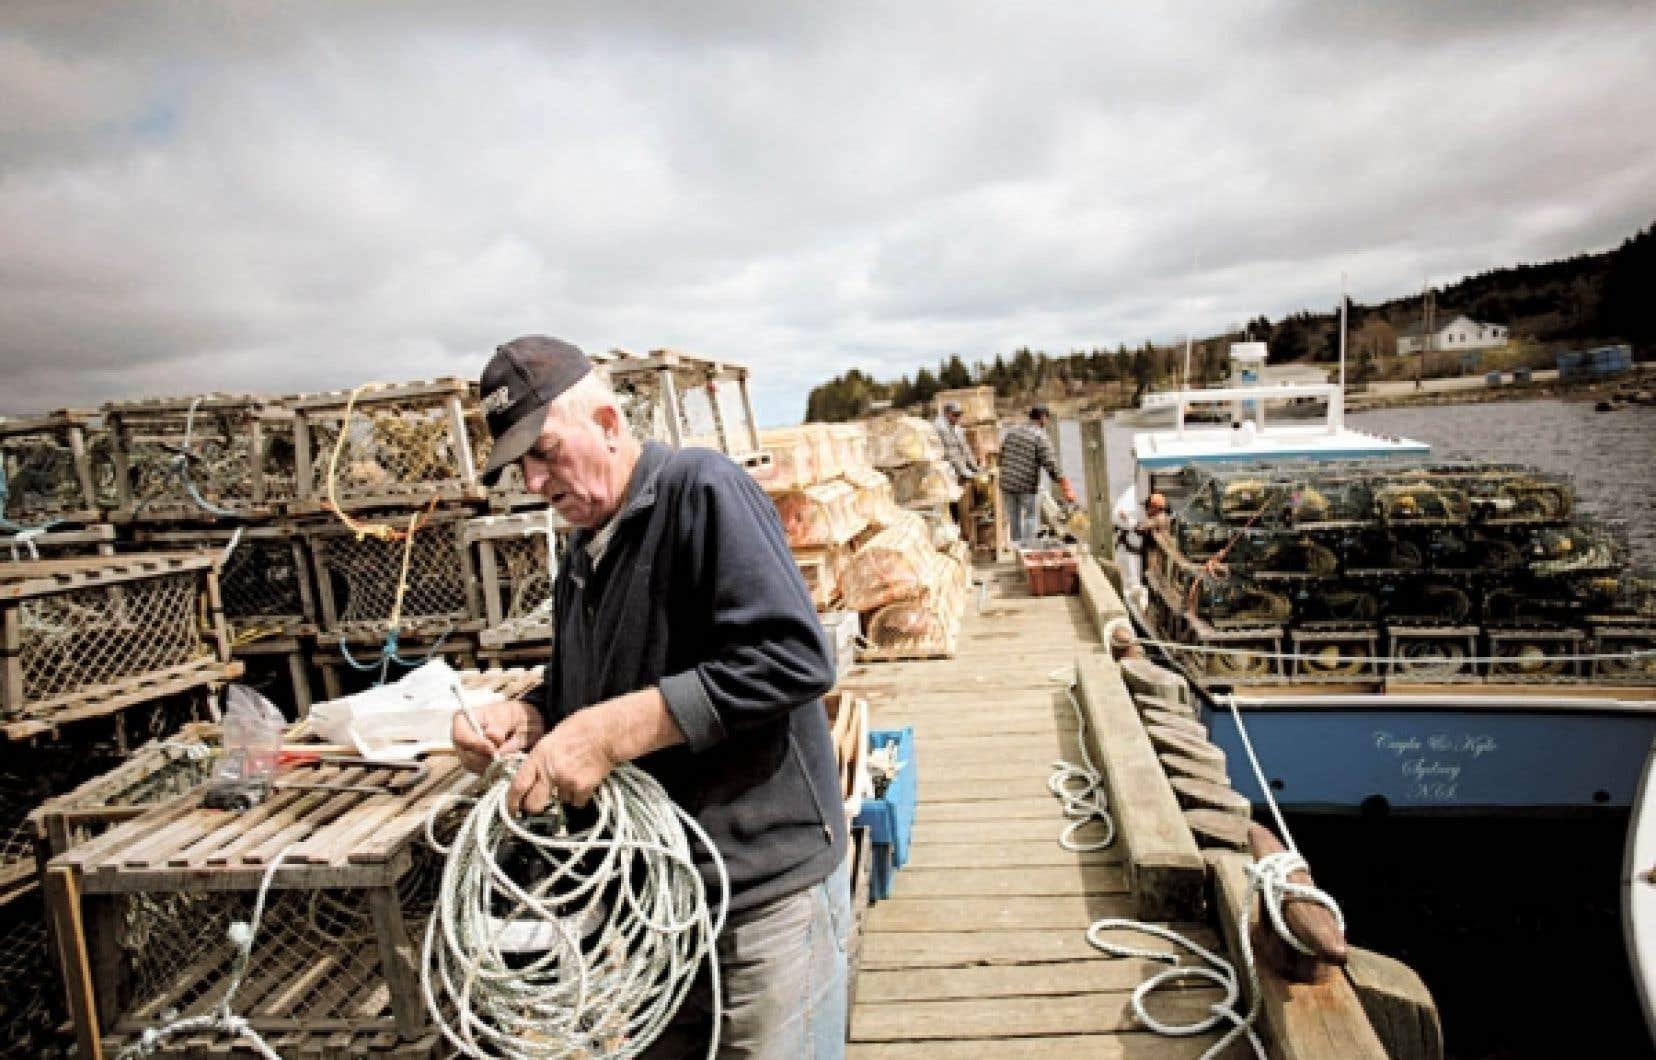 <div> Des pêcheurs de homards en Nouvelle-Écosse. Le gouvernement fédéral s'apprête à affaiblir la Loi sur les pêches, dénonce le Parti vert.</div>